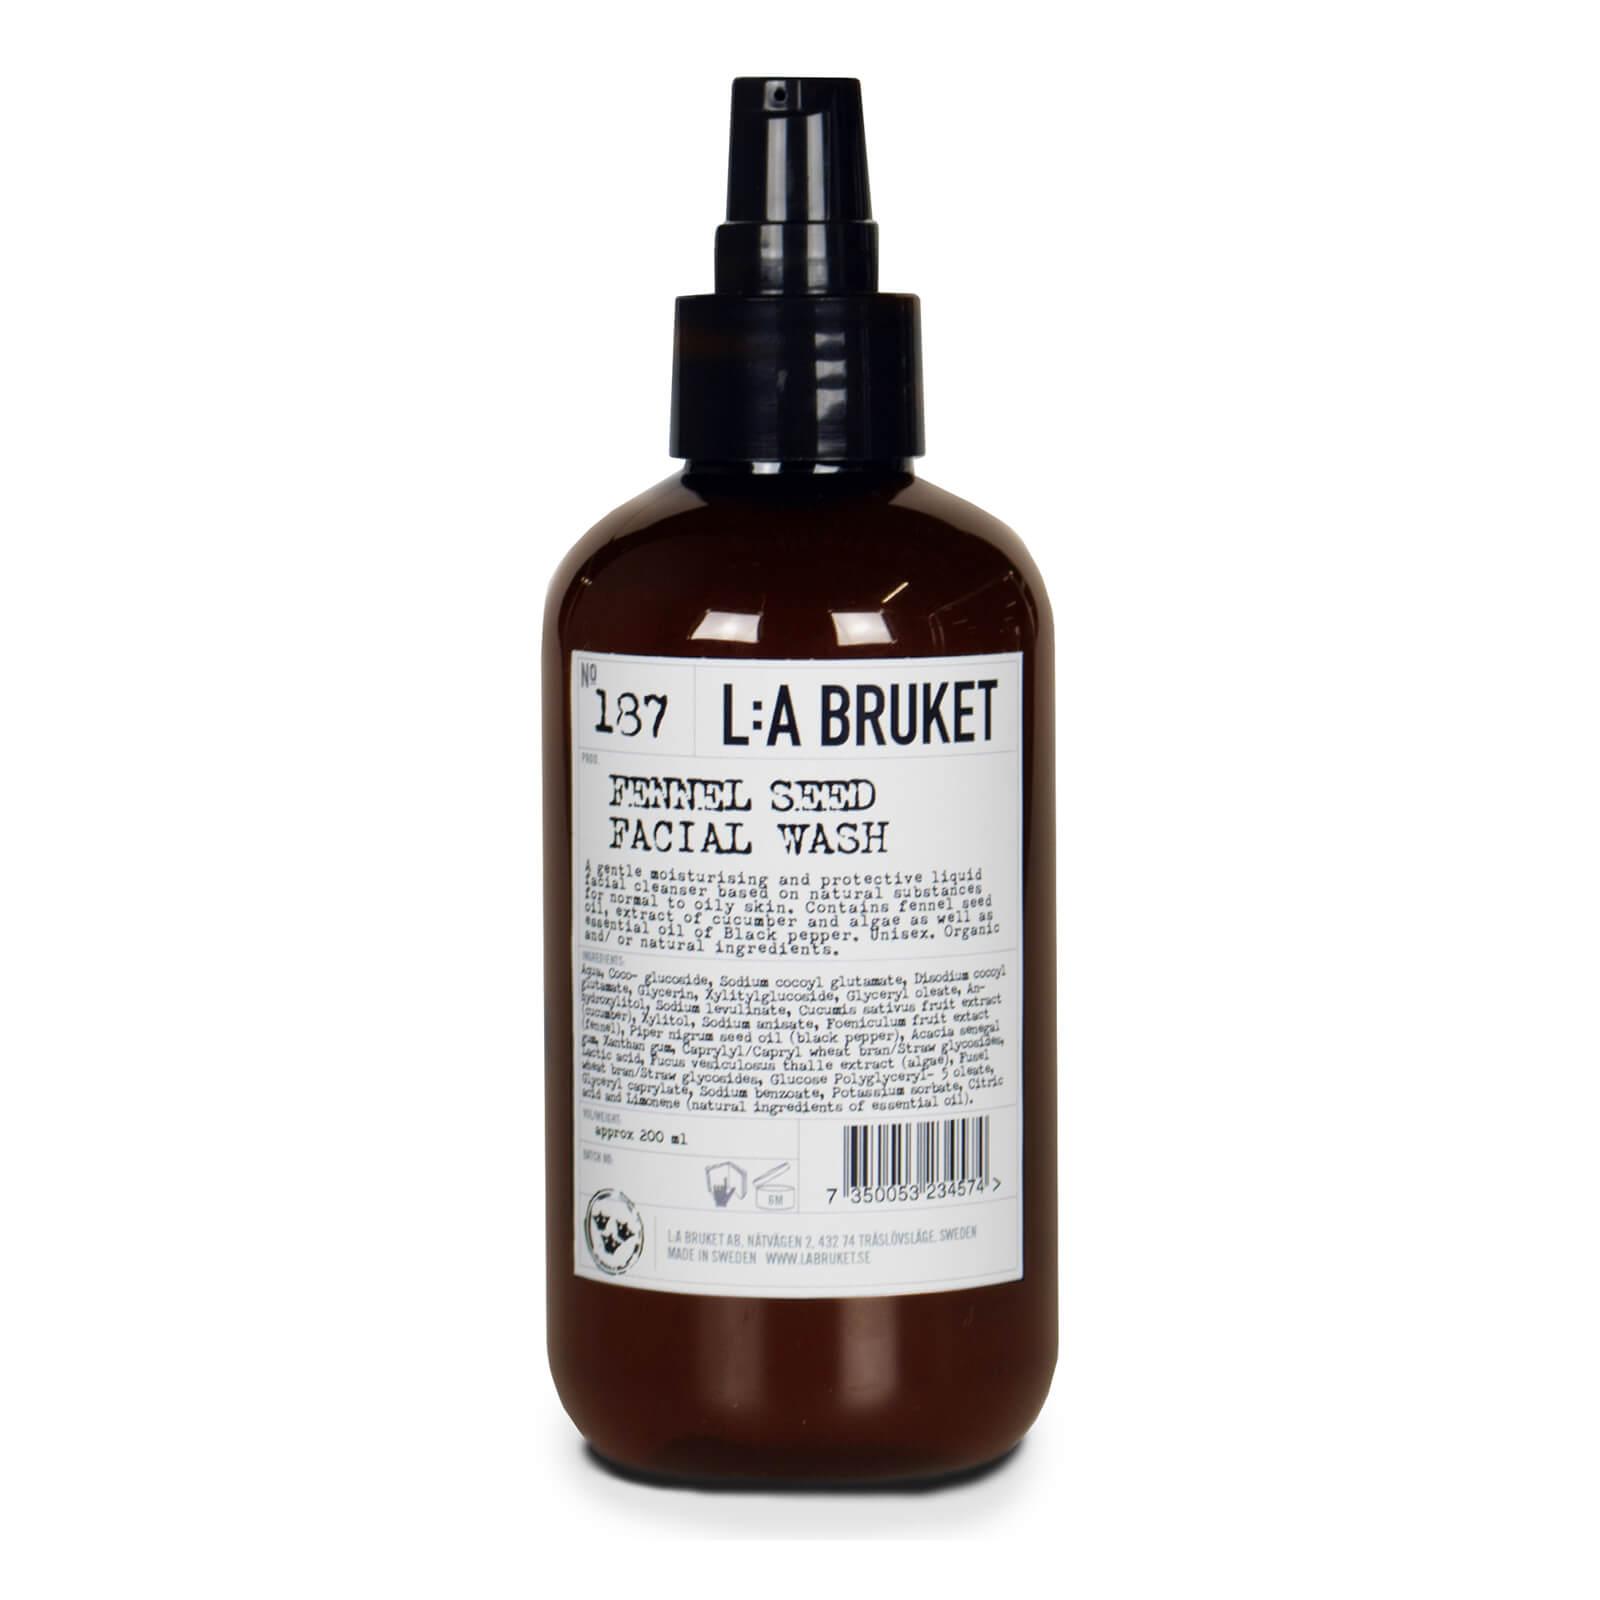 Купить L:A BRUKET Facial Wash 190ml